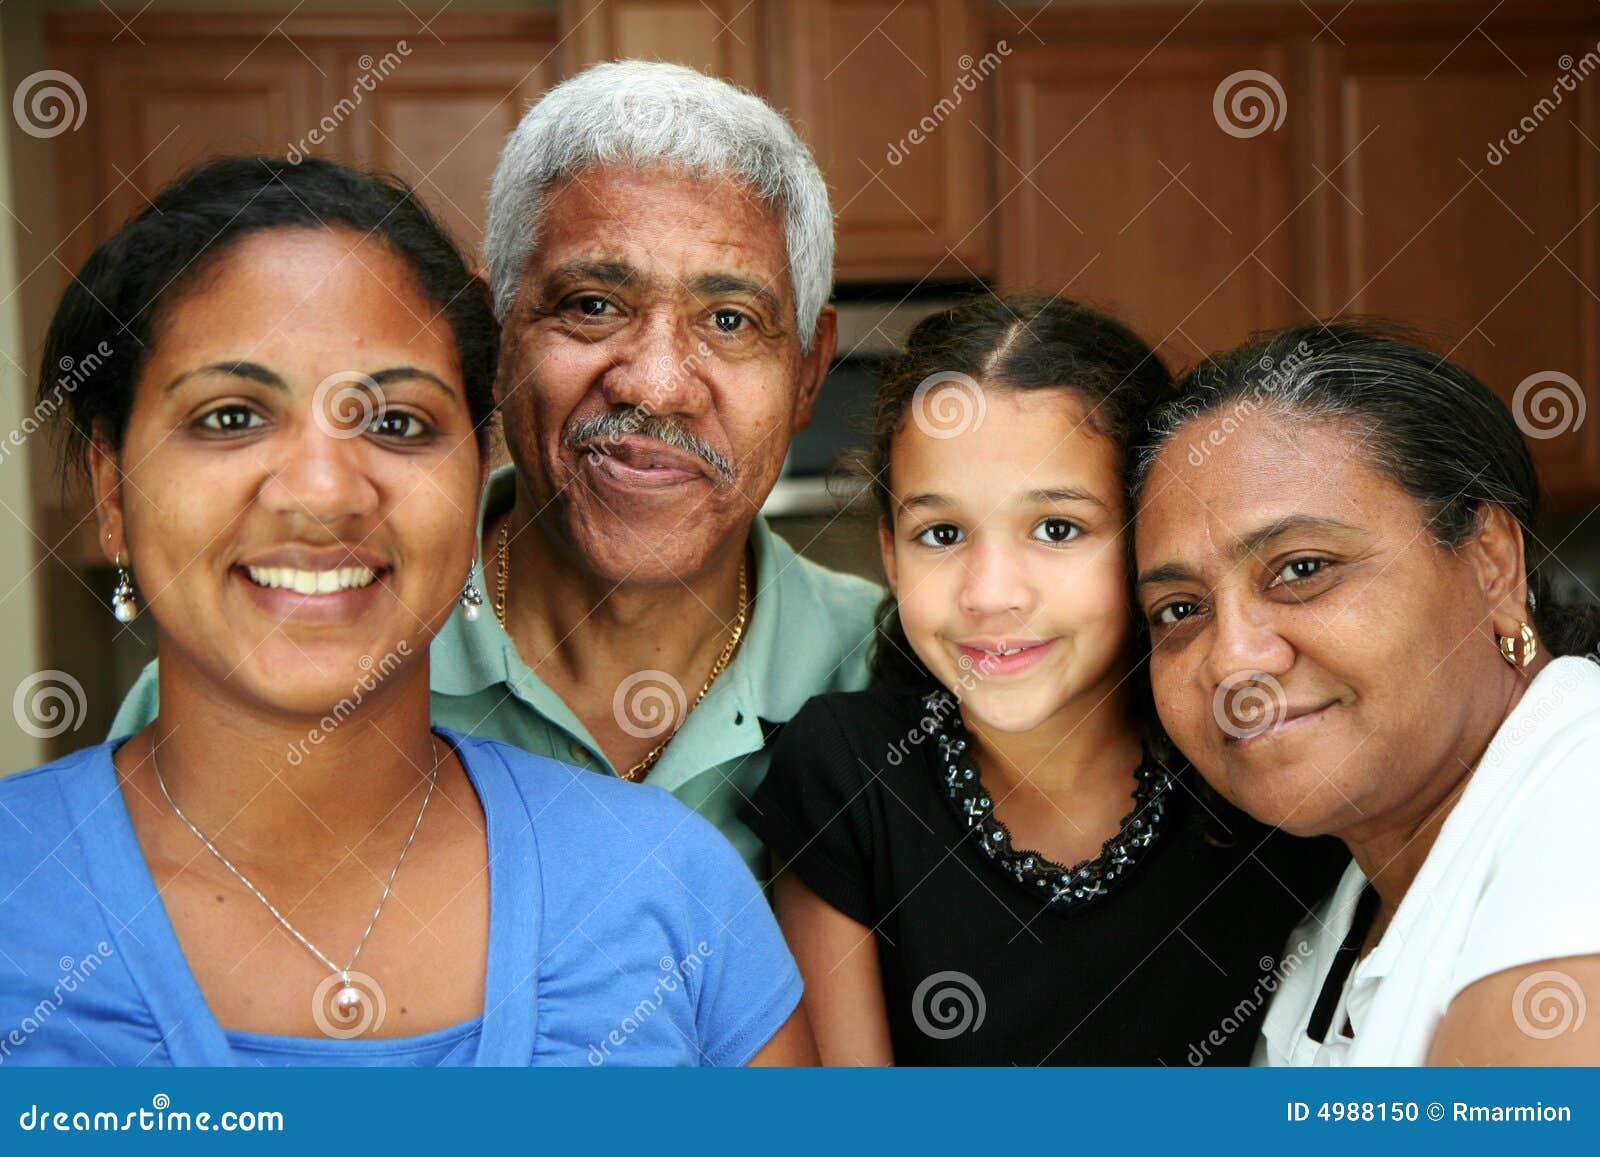 Family minority